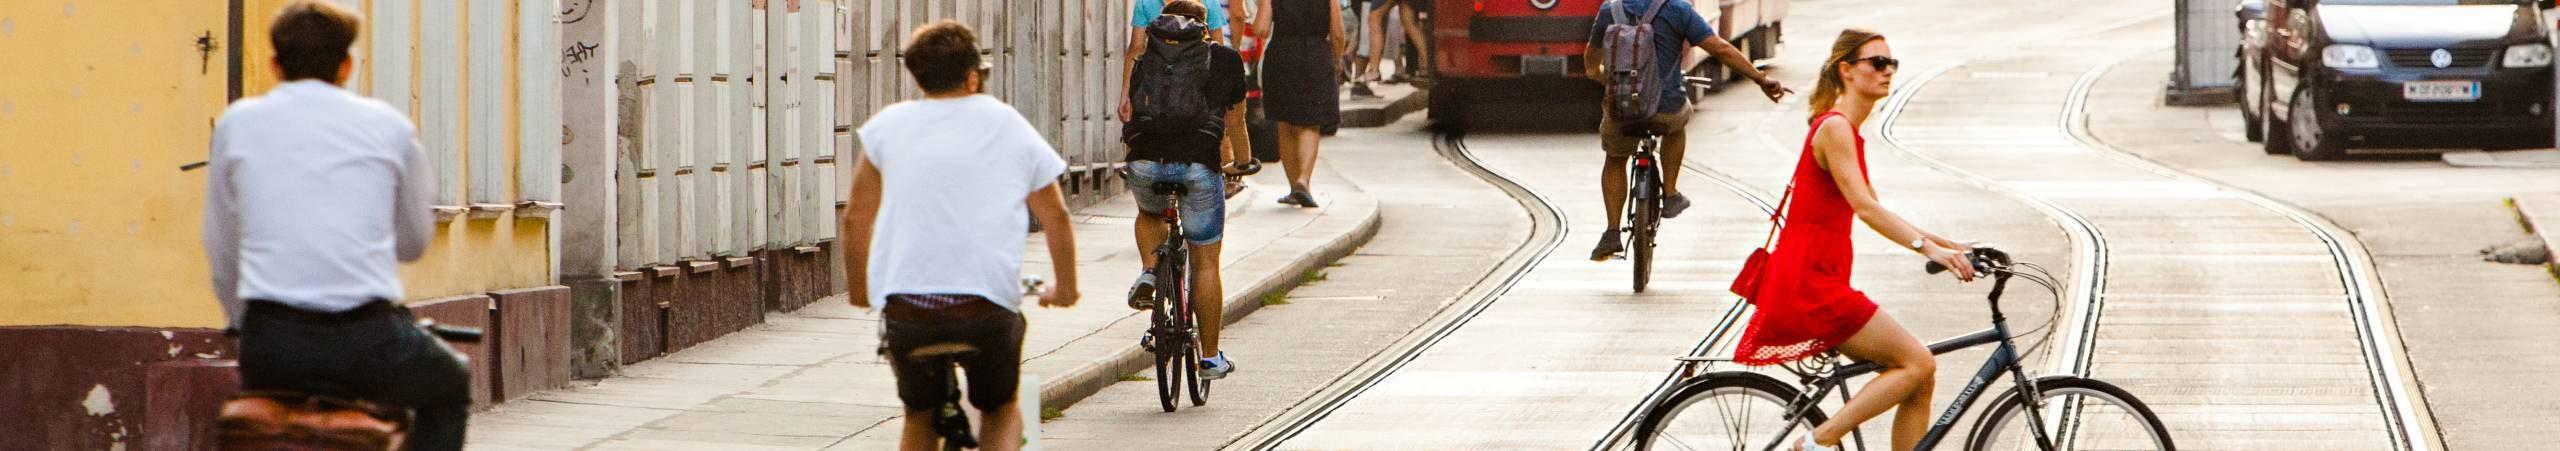 Mehrere Personen fahren mit Fahrrädern entlang der Straße, im Vordergrund eine alte Wiener Straßenbahn. Eine Frau in einem roten Sommerkleid auf einem Hollandrad quert die Fahrbahn. Foto von Peter Provaznik